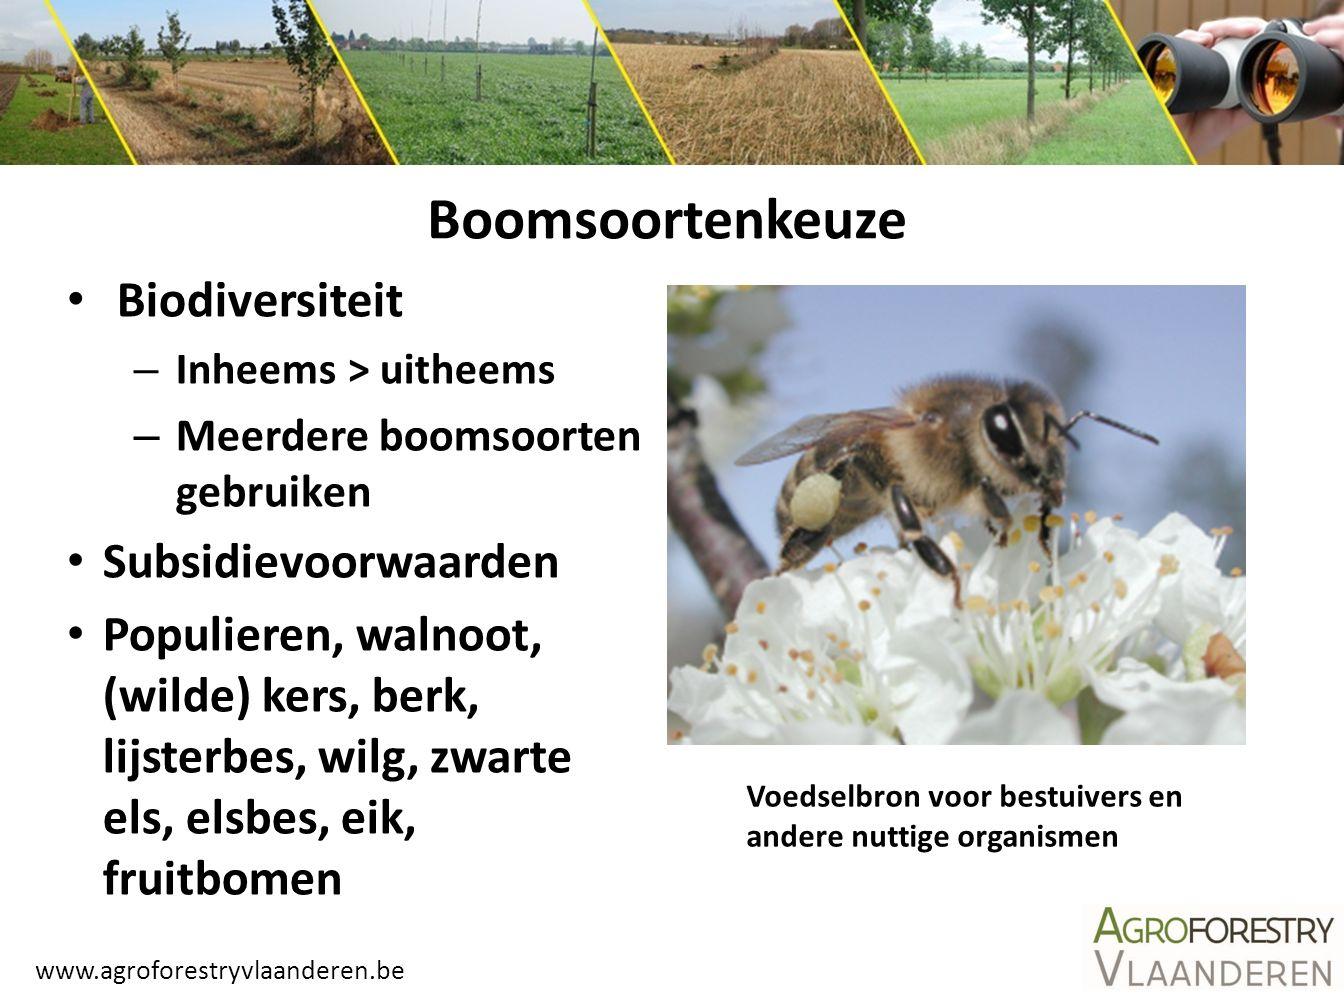 Boomsoortenkeuze Biodiversiteit Subsidievoorwaarden